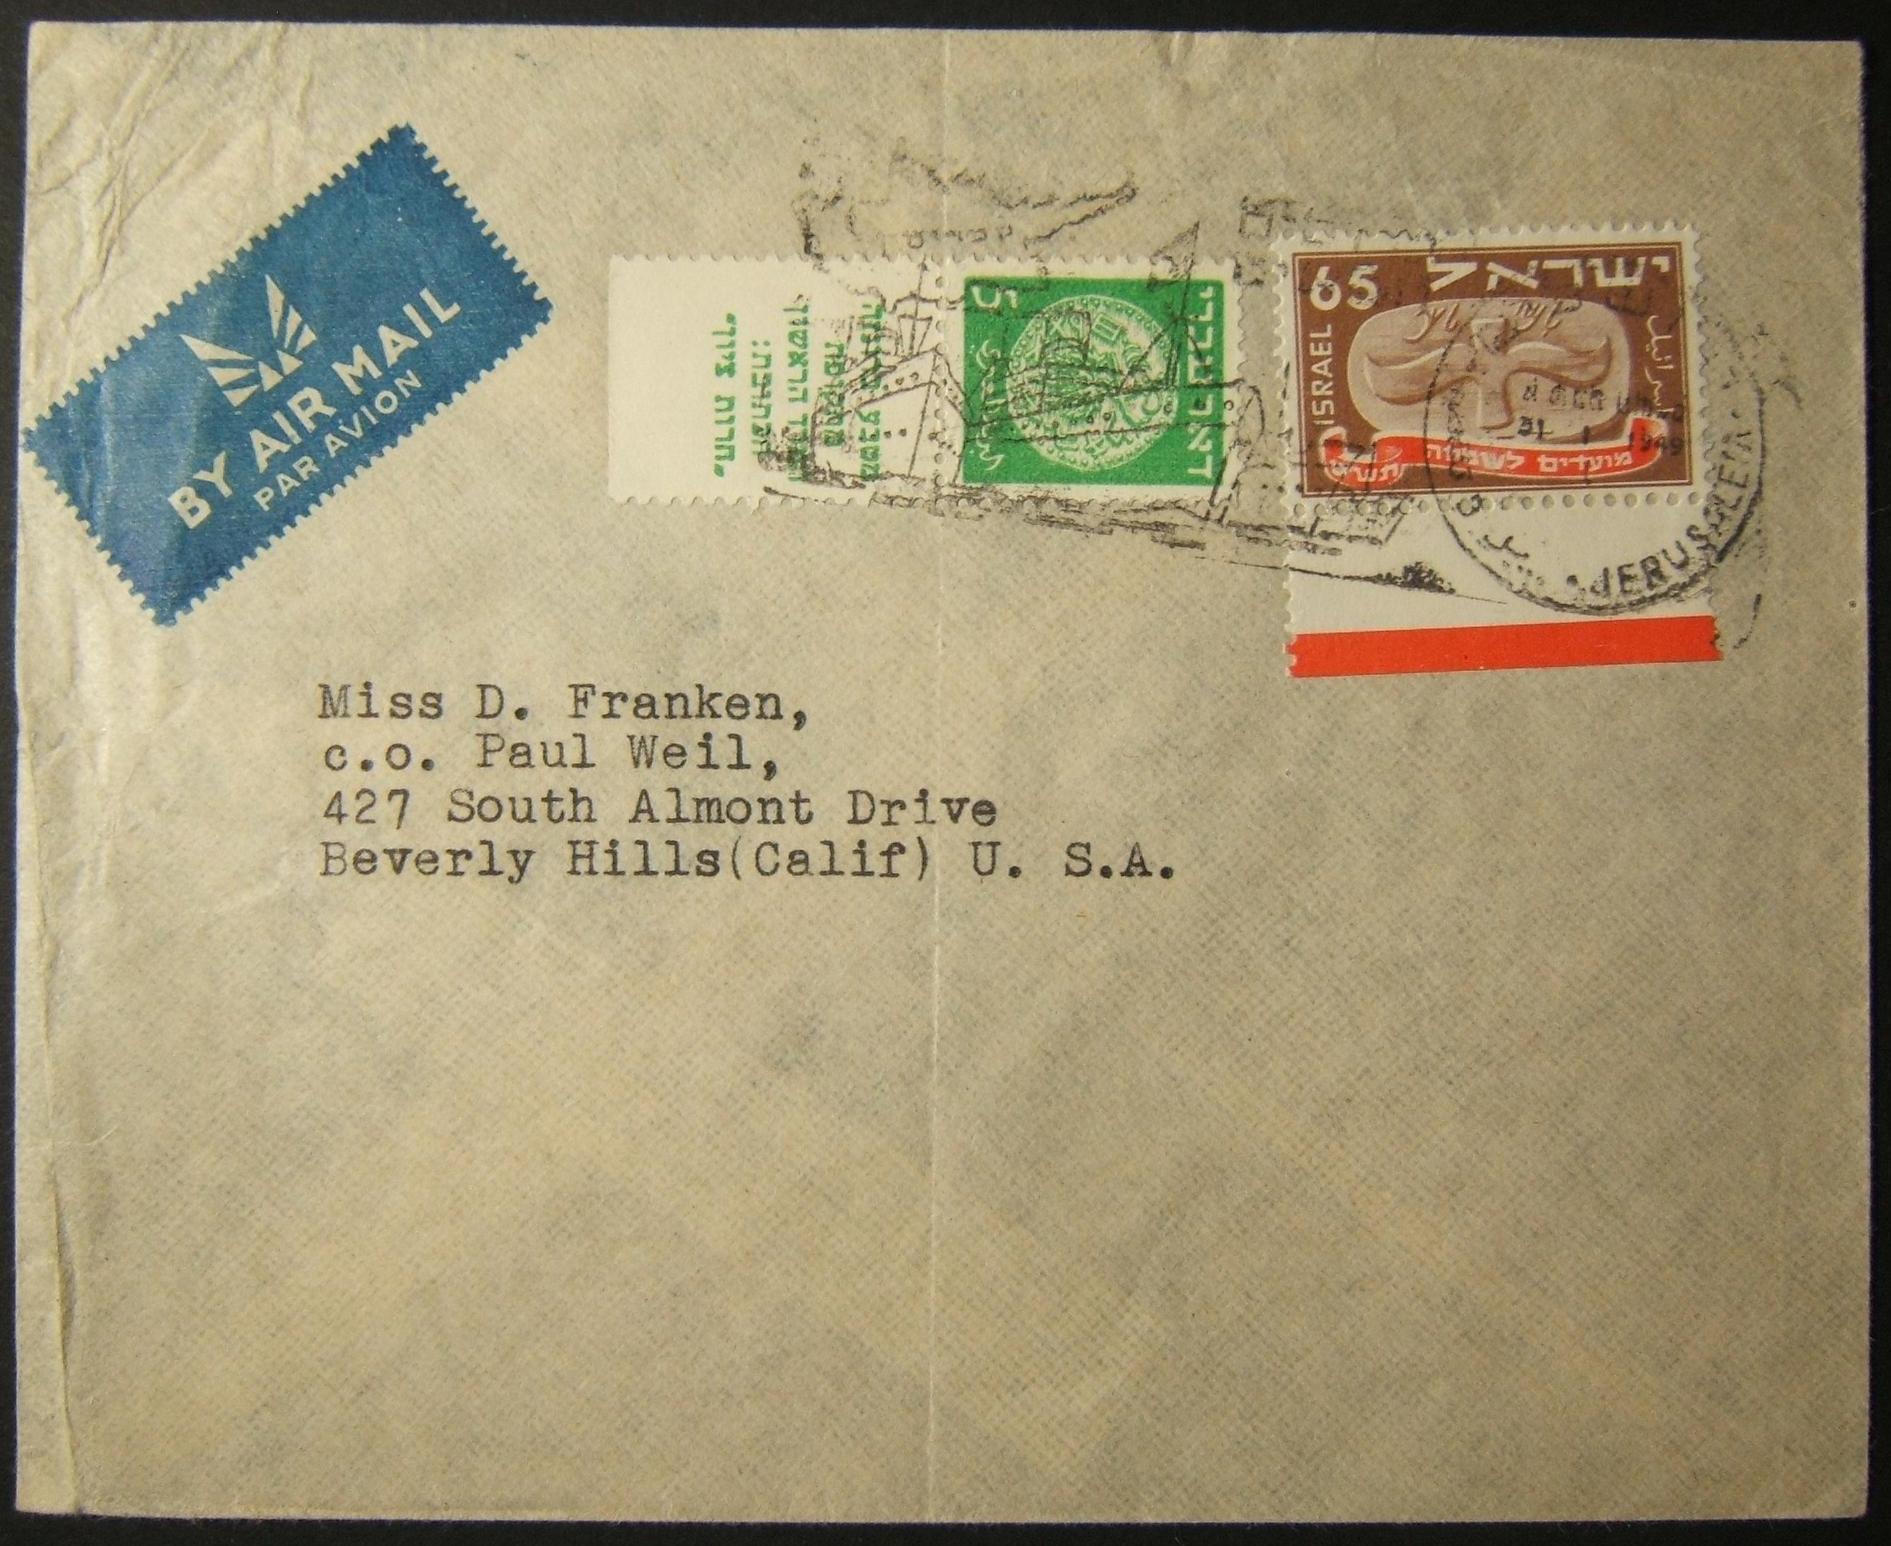 1/1949 بريد جوي إلى الولايات المتحدة باستخدام 65Pr تحلق في الطائر & tabbed 5m Doar Ivri stramps